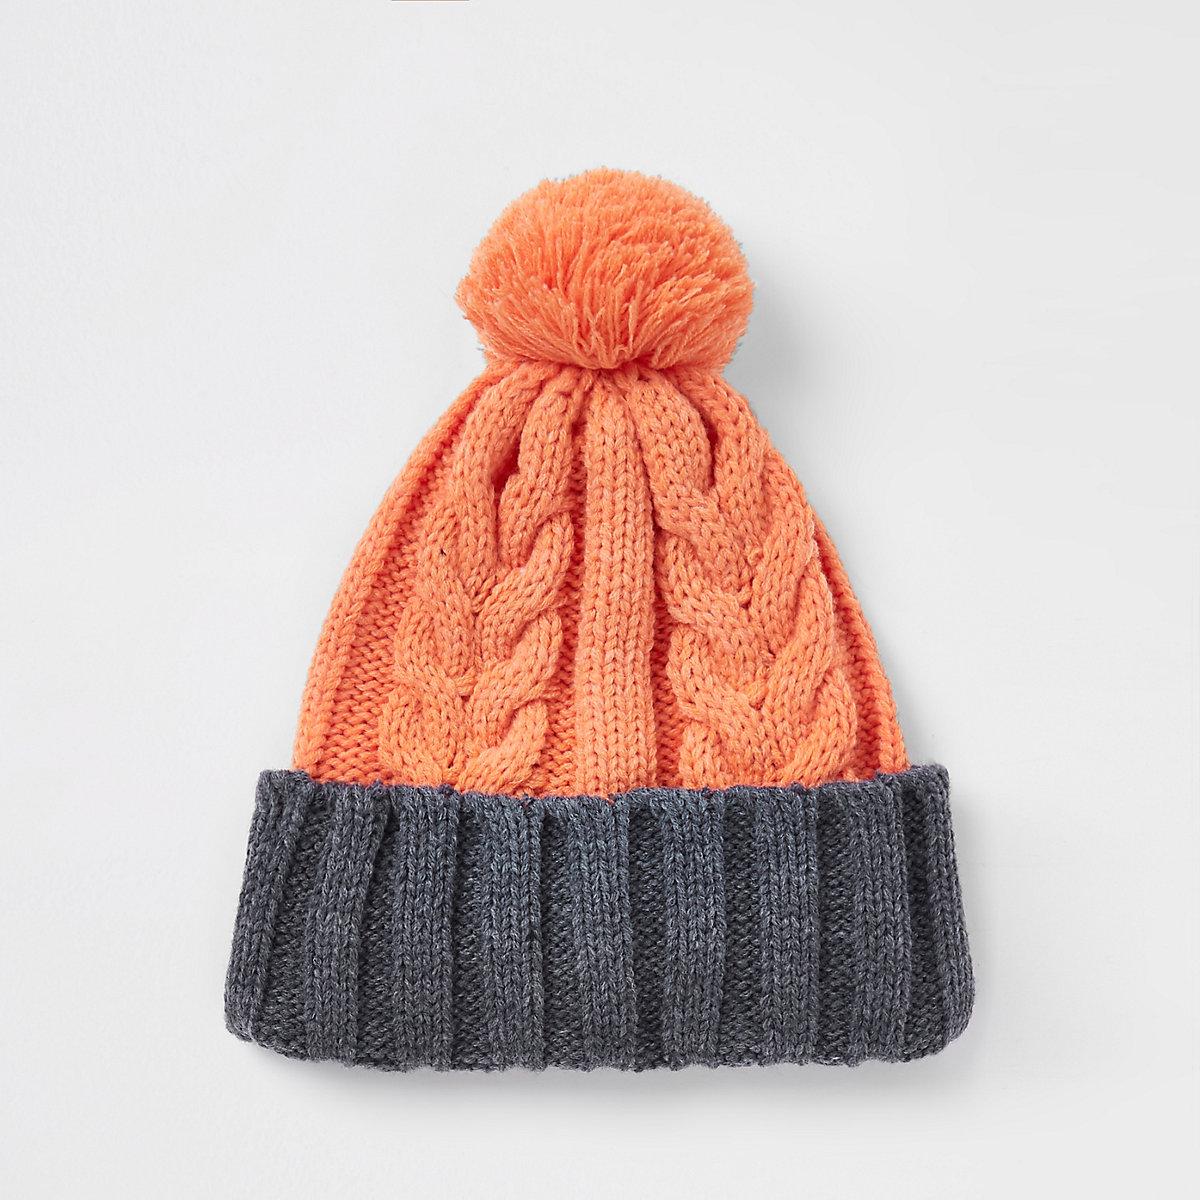 Orange cable knit bobble beanie hat